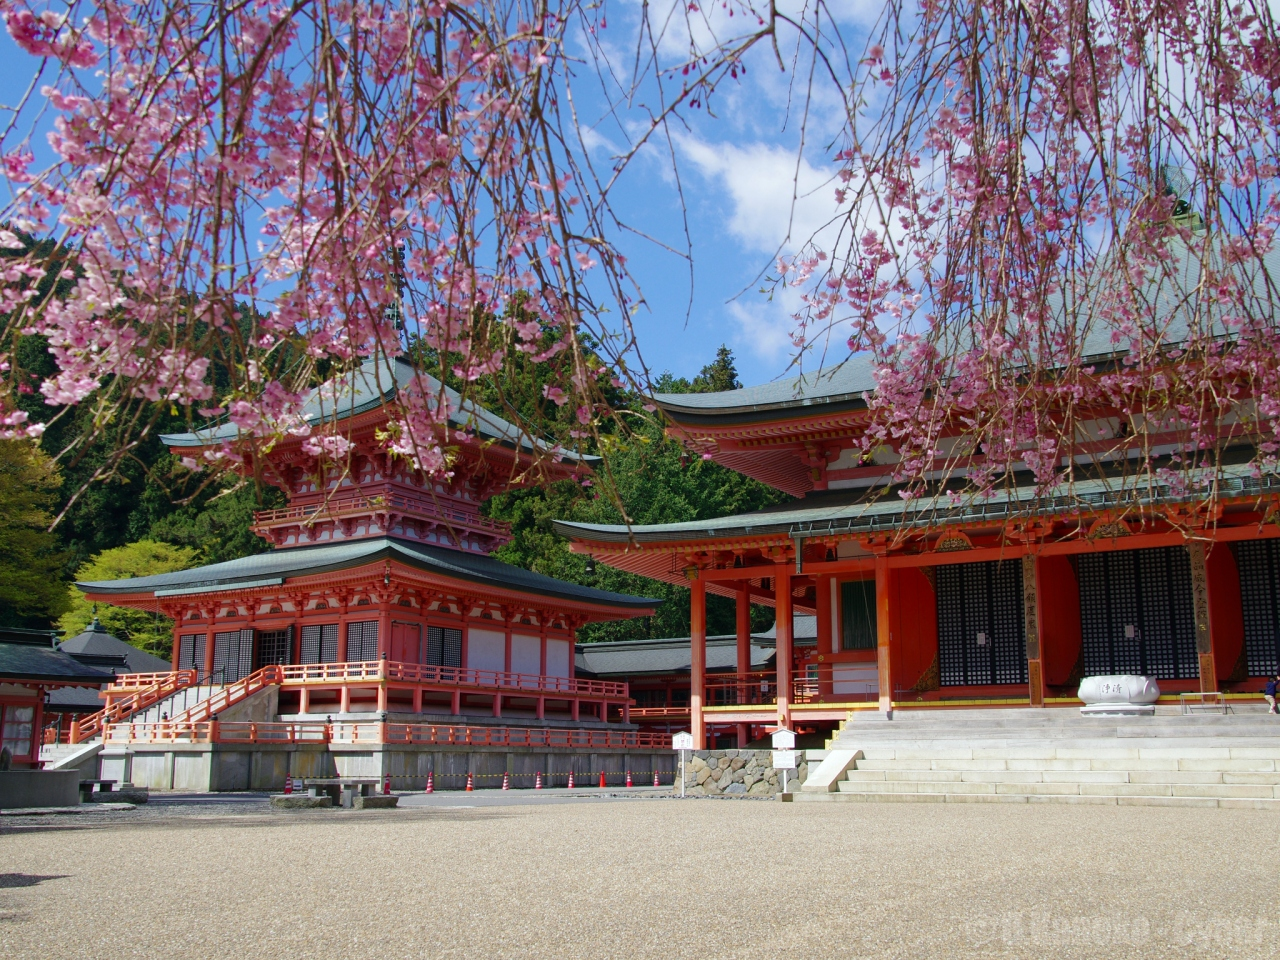 比叡山延暦寺へのアクセスは?観光で訪ね御朱印を頂こう!桜や紅葉も美しい!